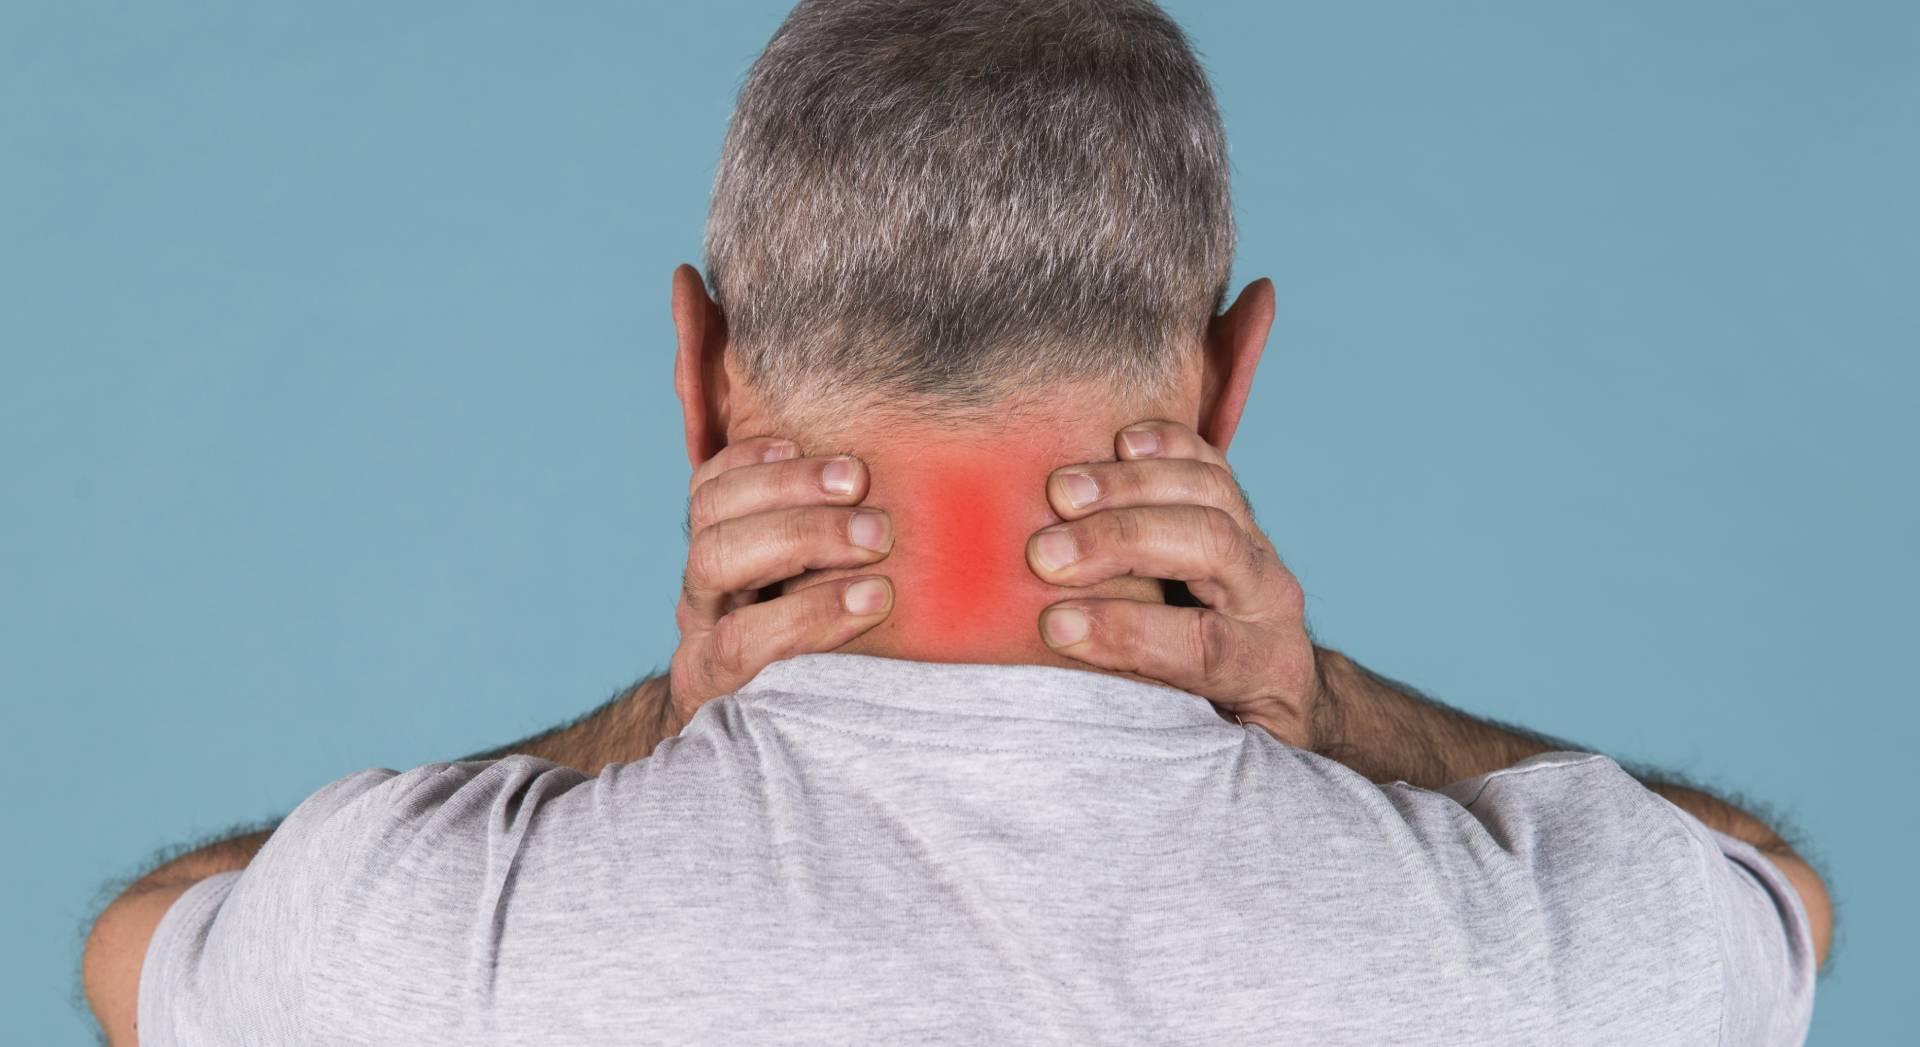 Un paziente soffre di dolori cervicali che potrebbe curare con delle sedute di tecarterapia